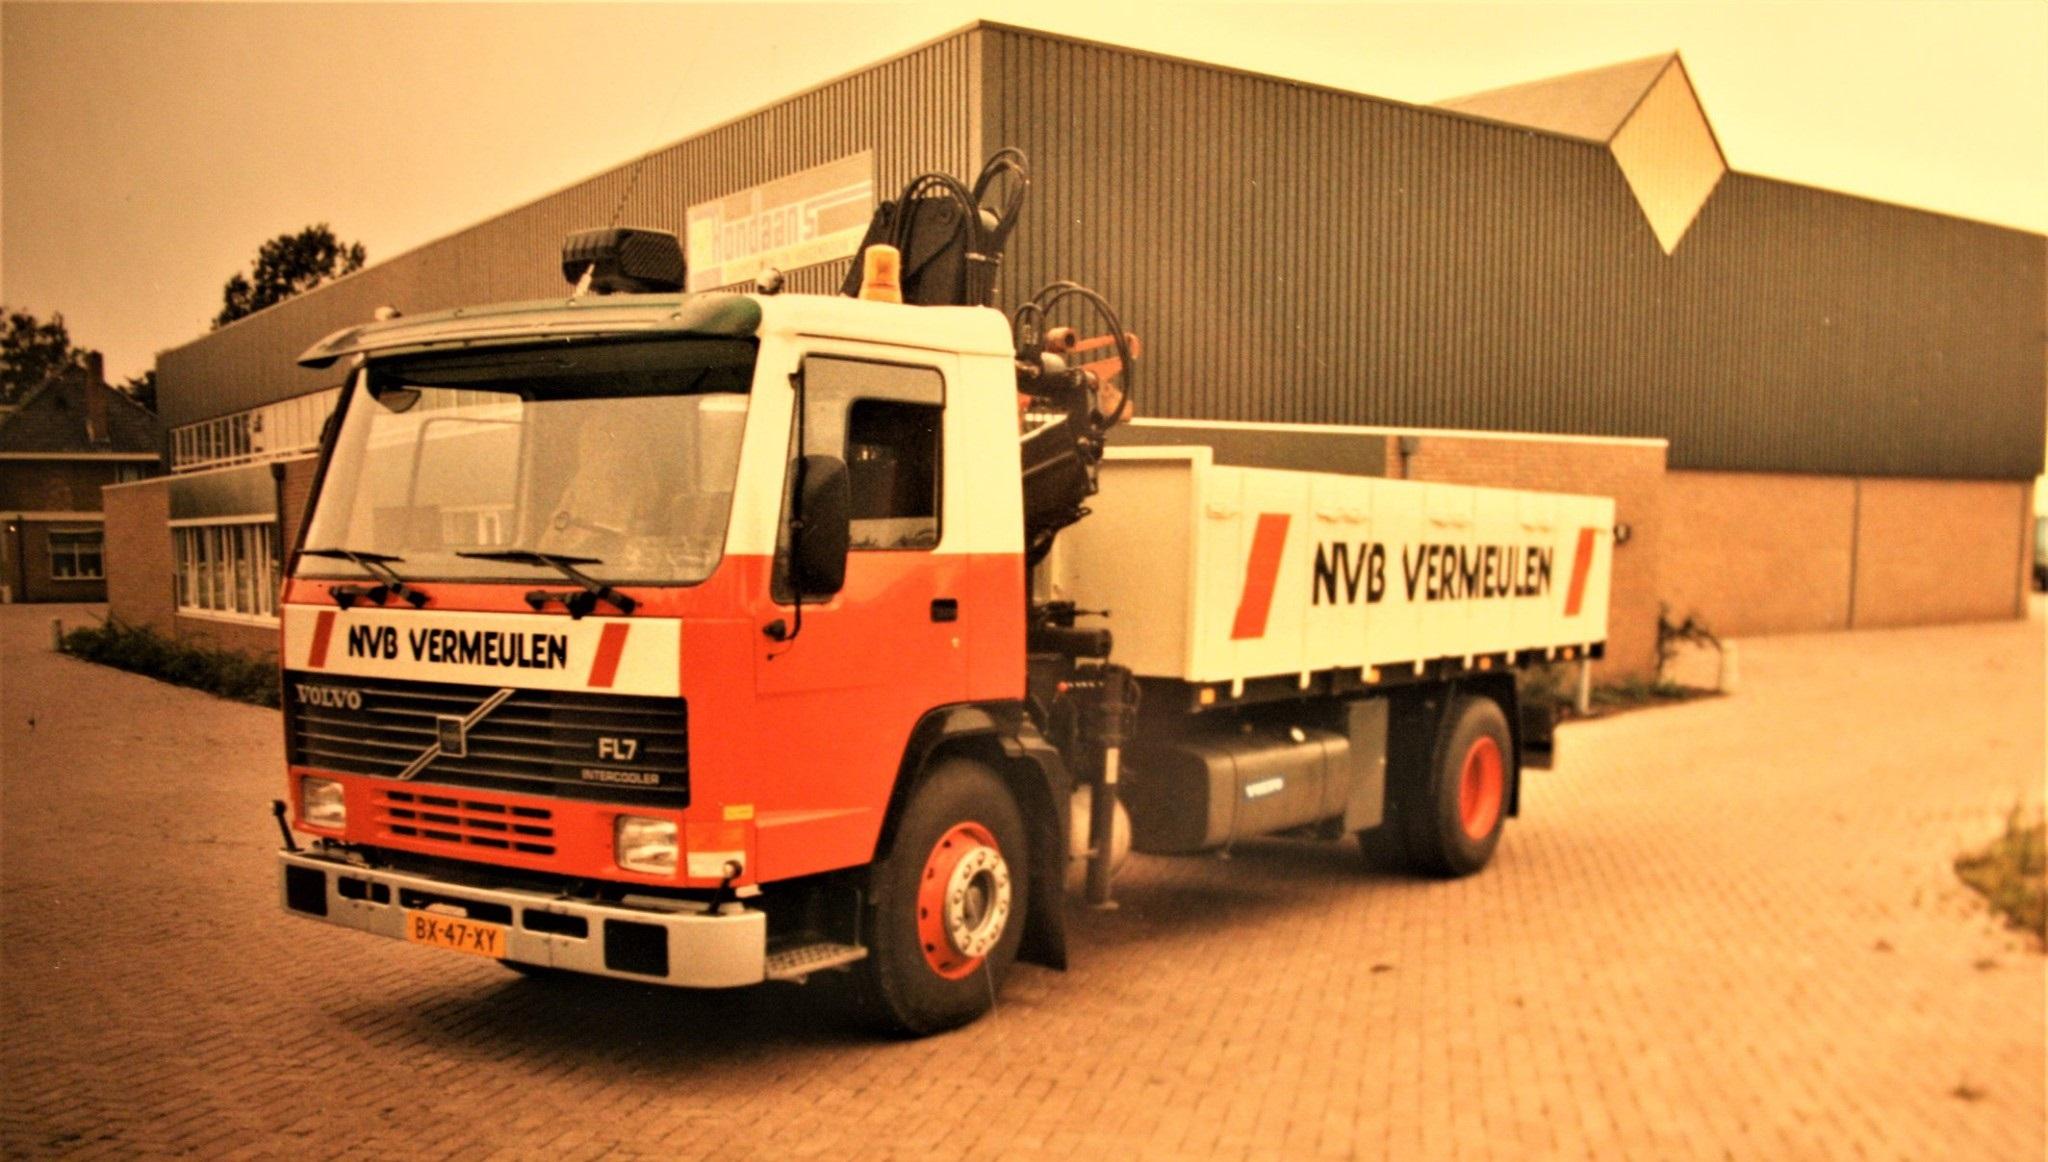 Volvo-FL7-is-door-Rondaan-in-Berlikum-een-kipperbak-en-een-kraan-opgebouwd-voor-Bouwmaterialen-Handel-NVB-in-Leeuwarden-1